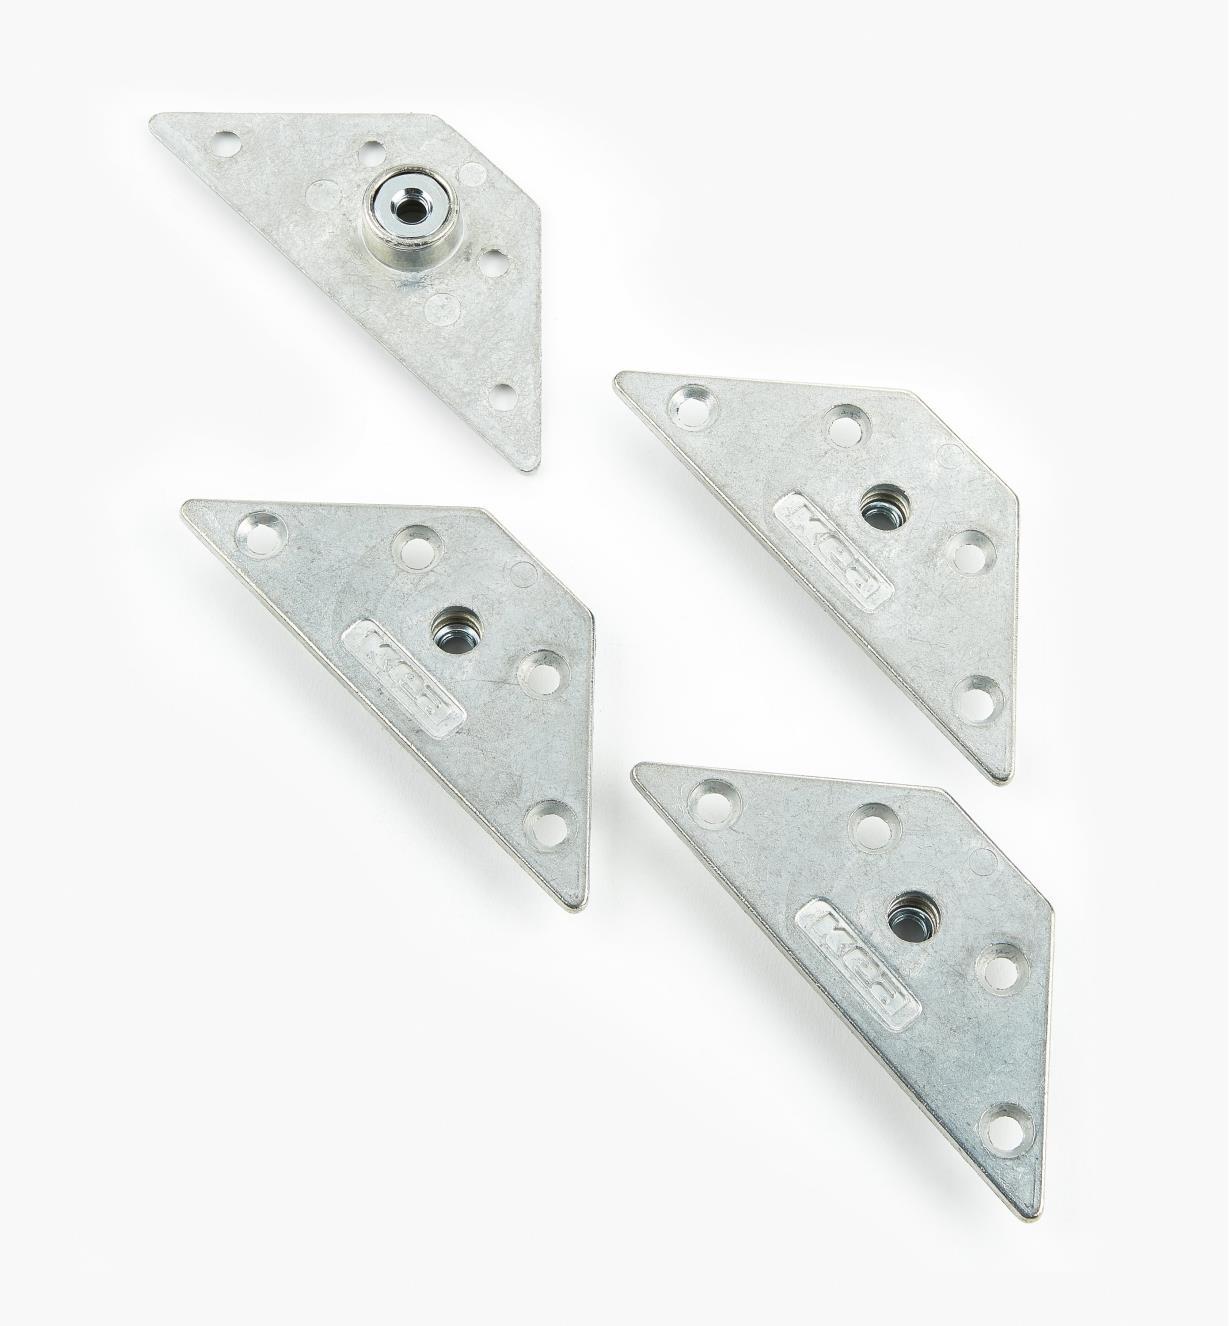 00H3351 - Plaques de fixation triangulaires pour pattes de meuble, le paquet de 4